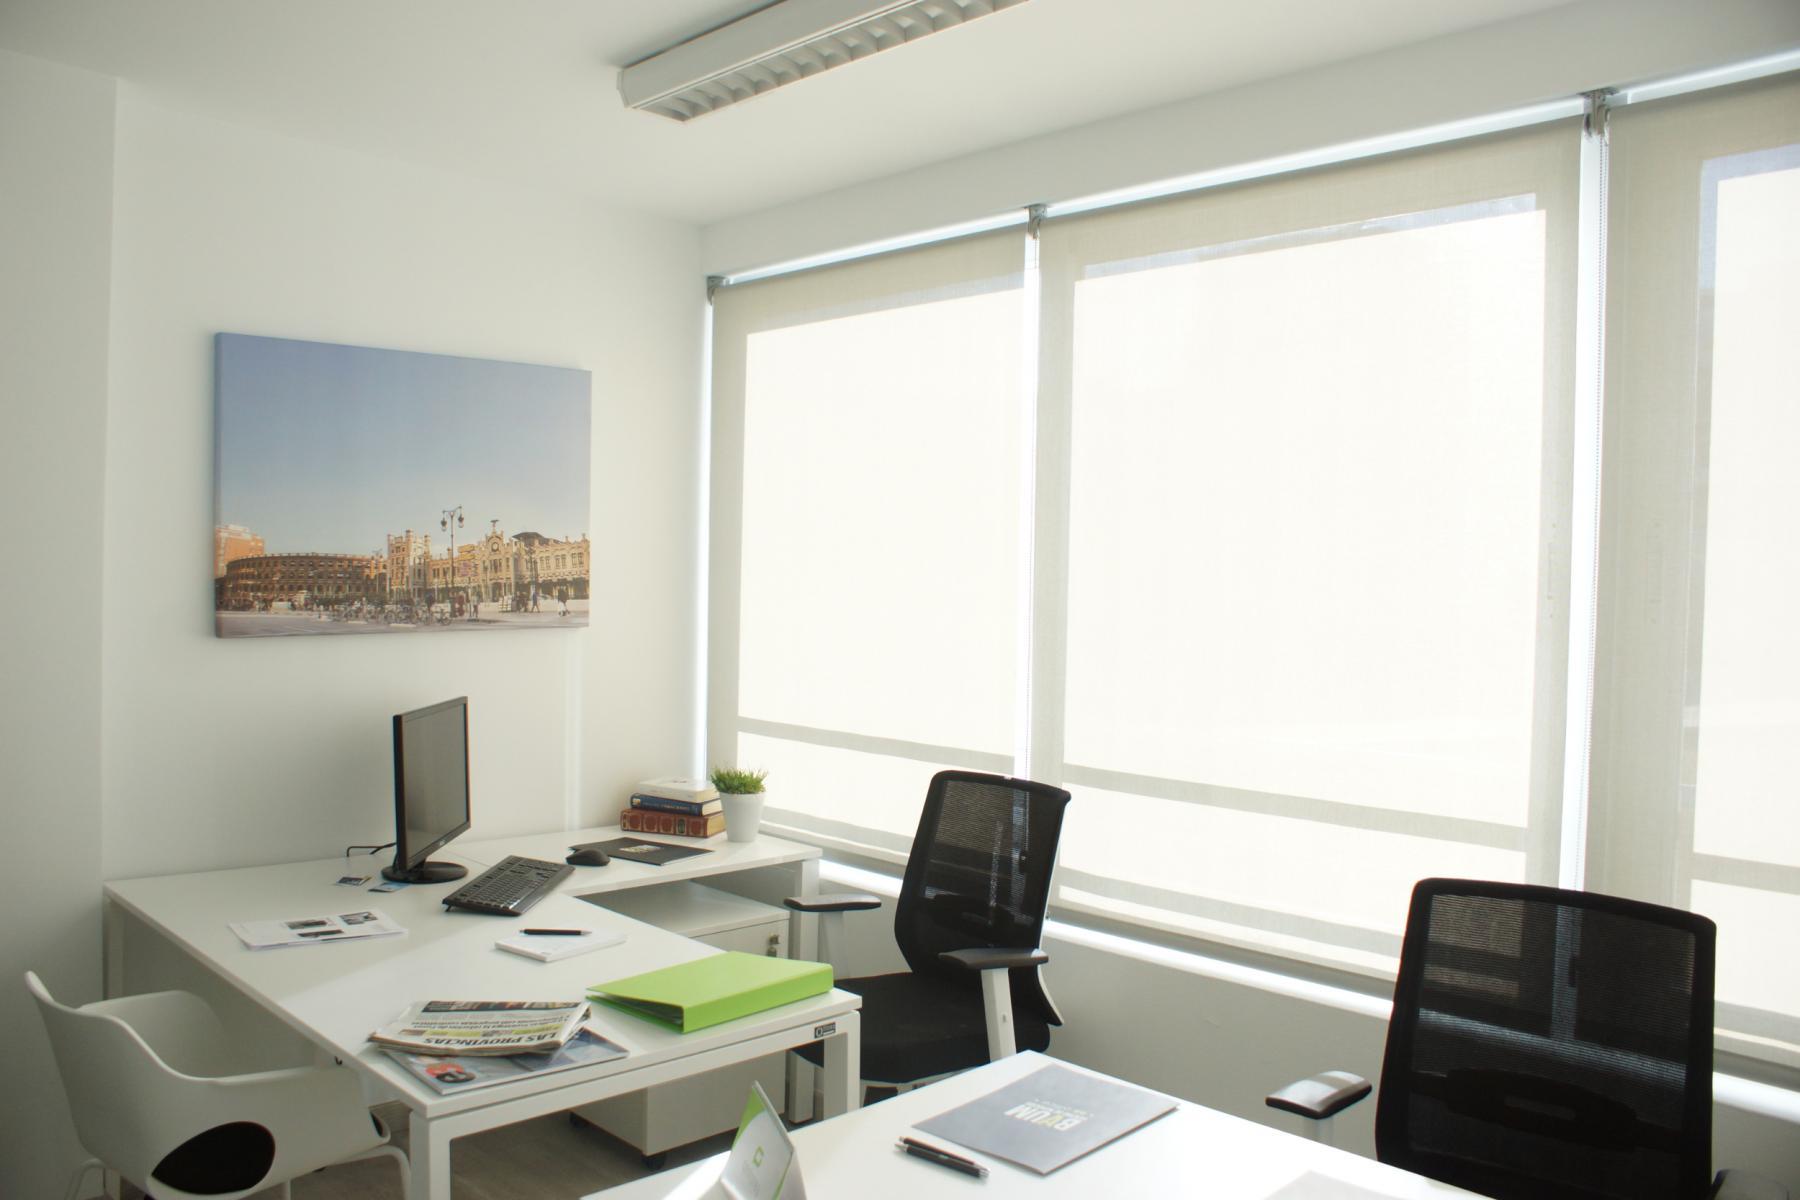 Otra vista de la oficina con iluminación natural